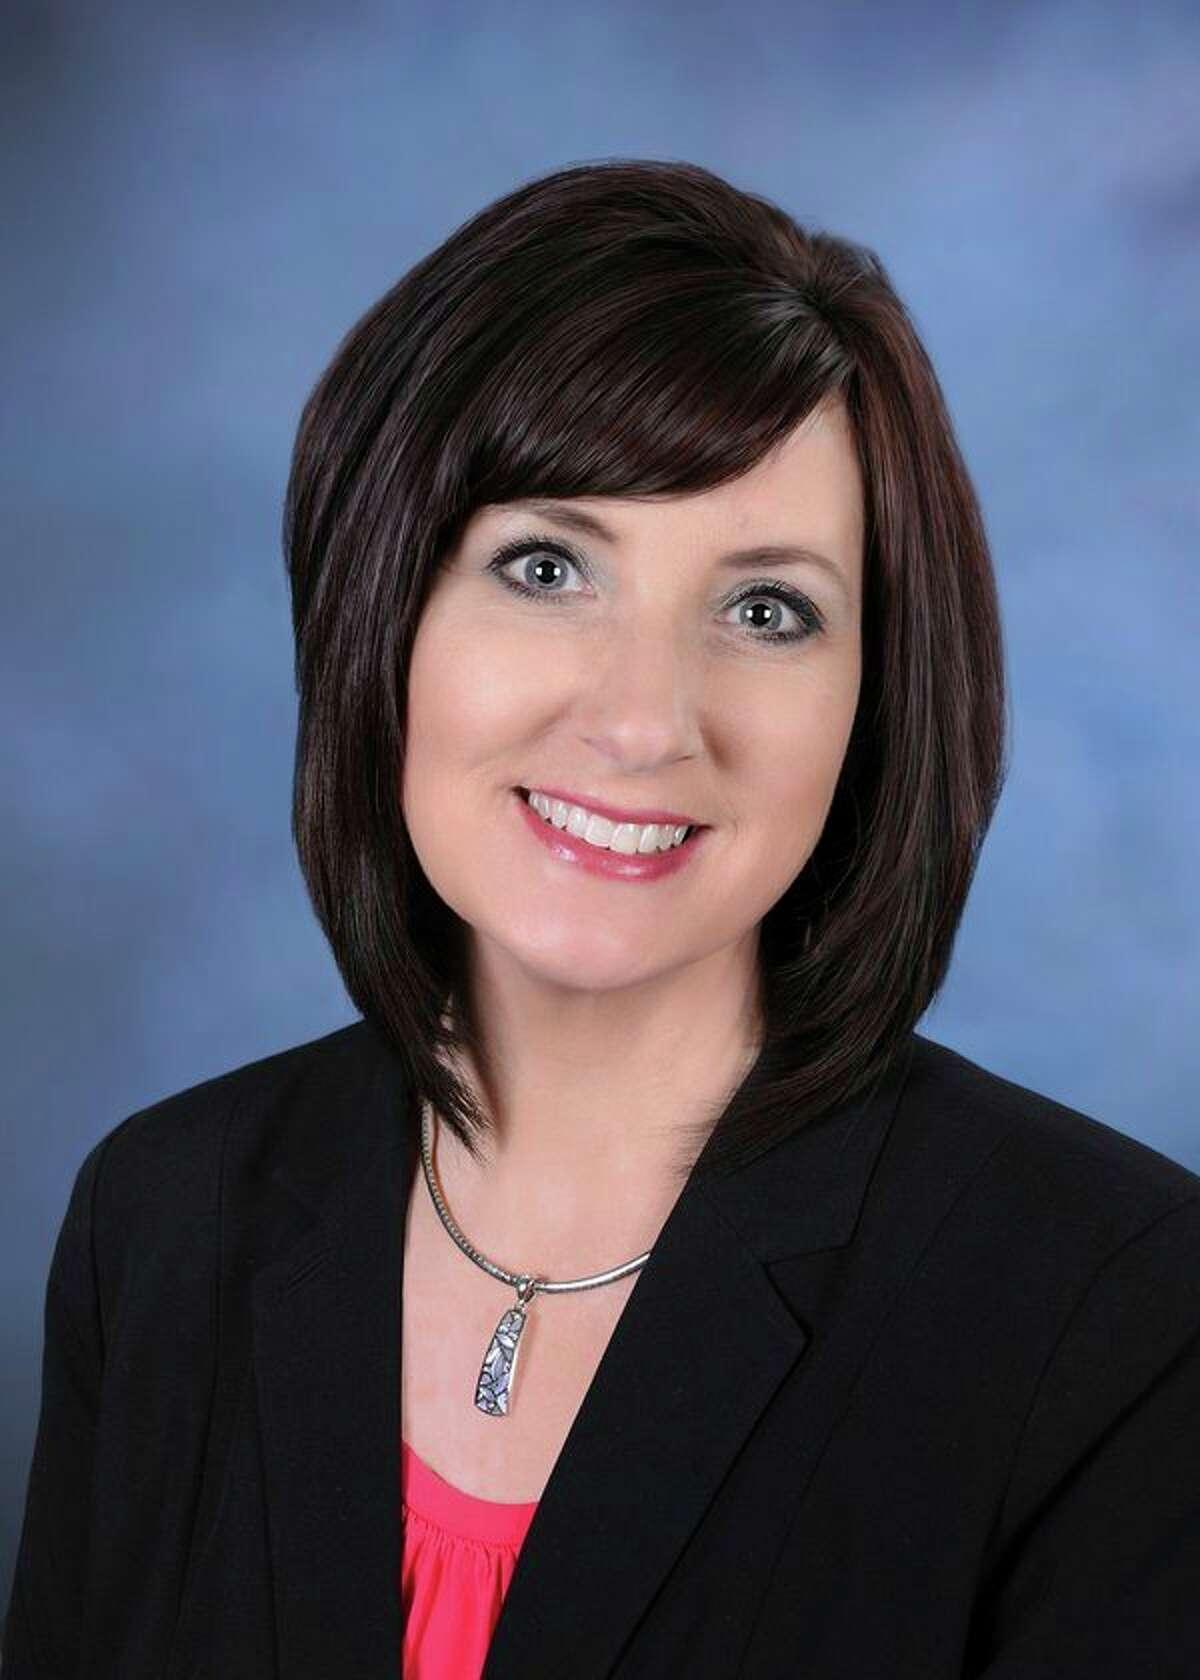 Melissa Hoag